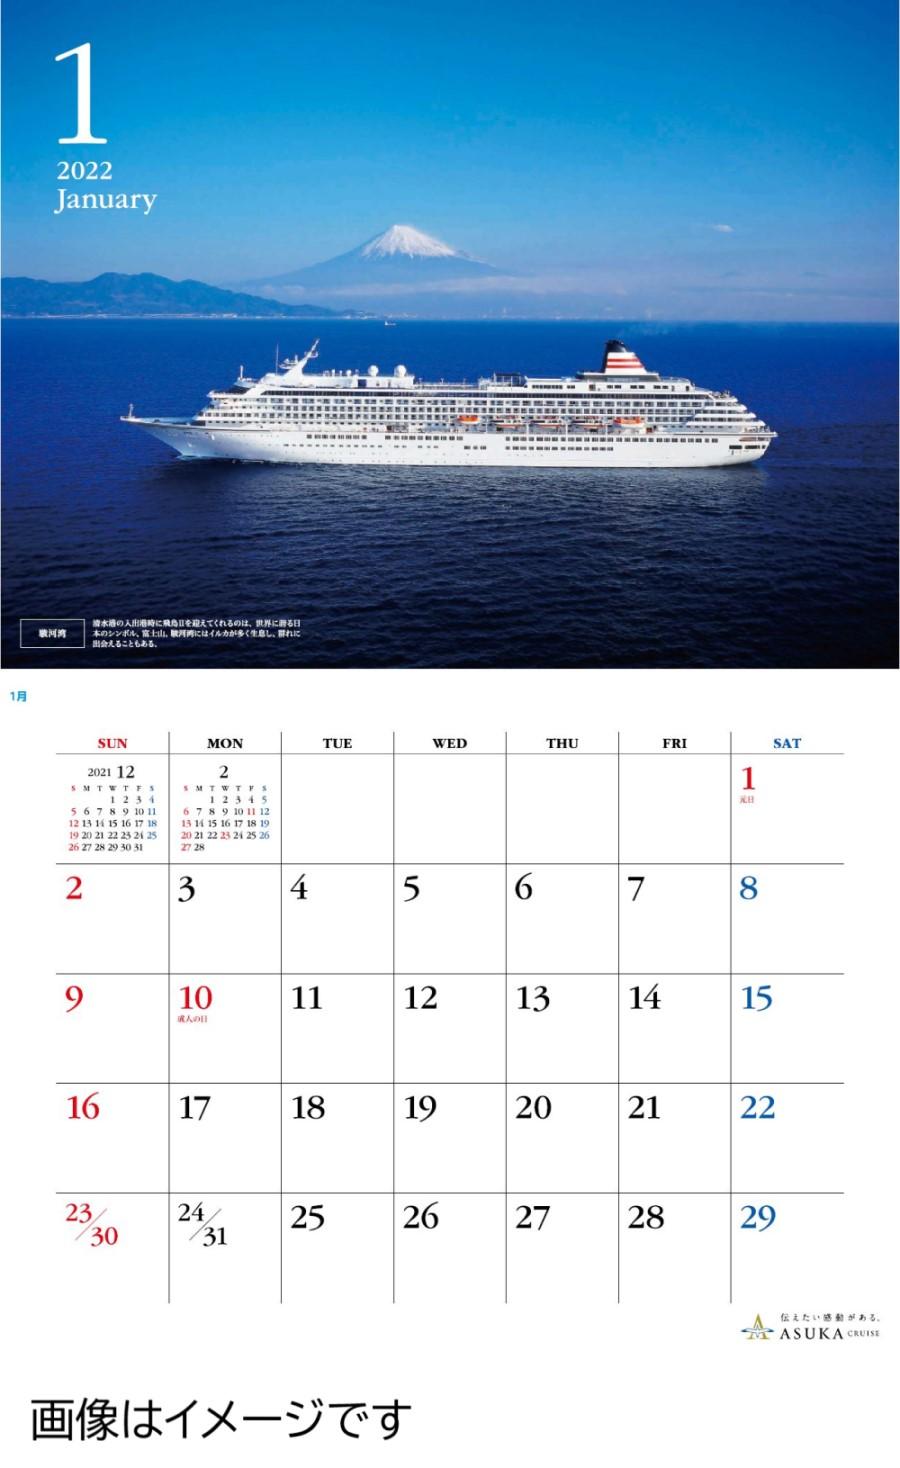 【クレジット決済】飛鳥クルーズオリジナルカレンダー 2022年